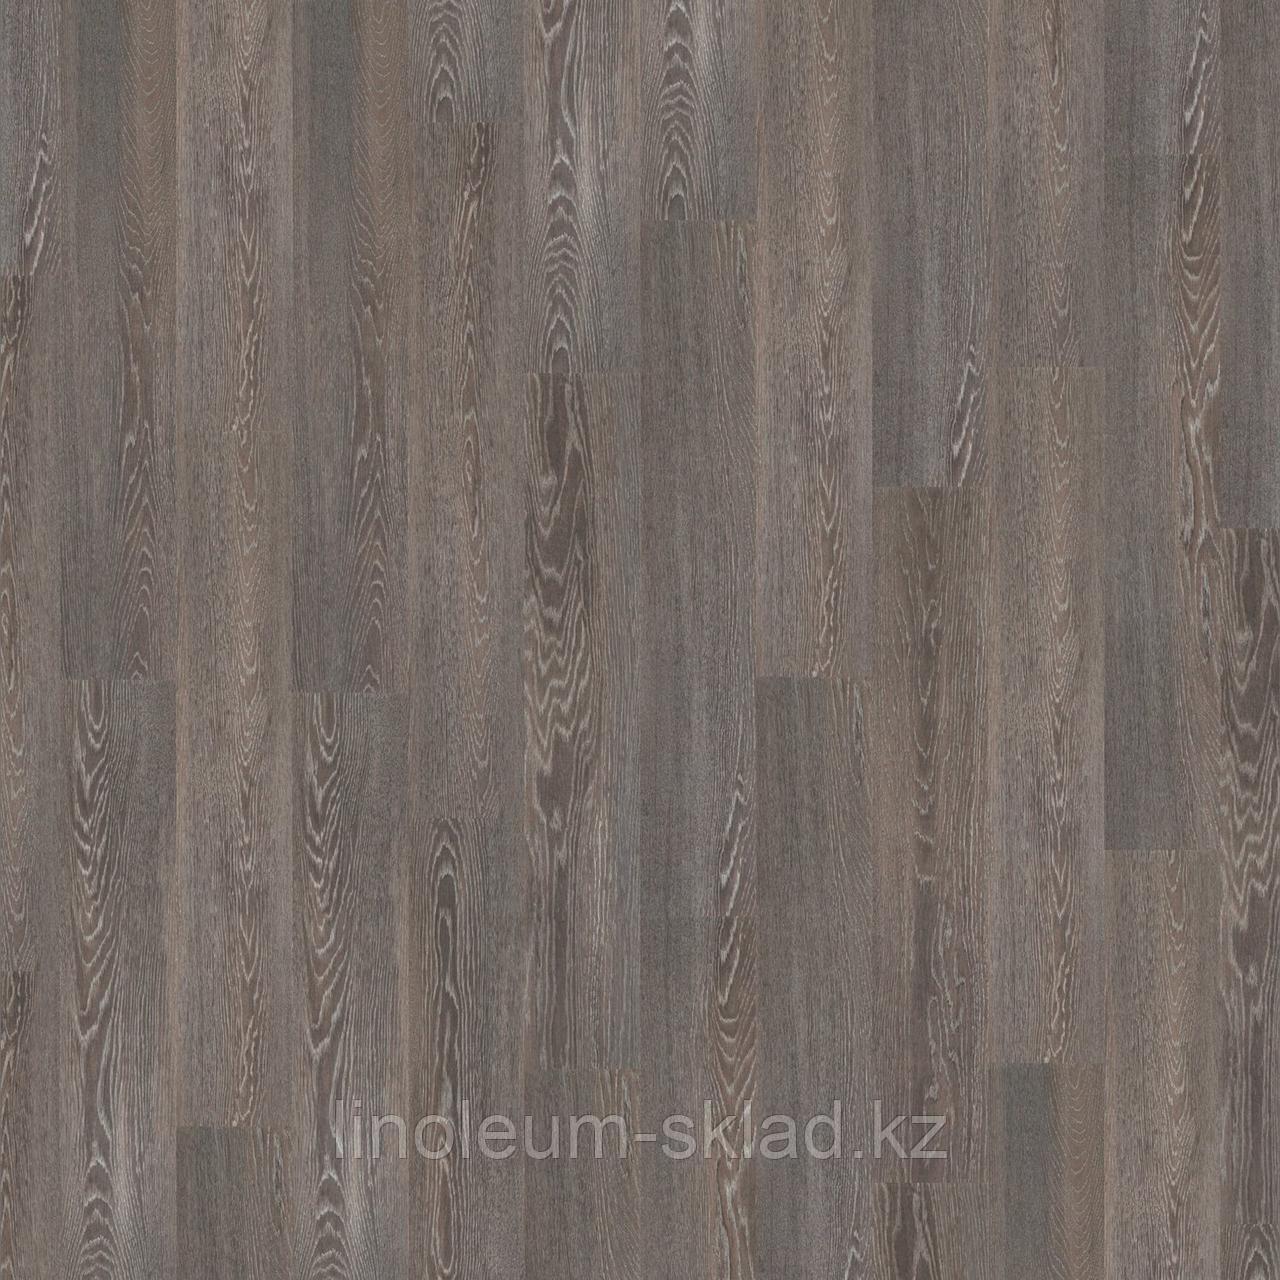 Виниловая плитка NEW AGE ORIENT